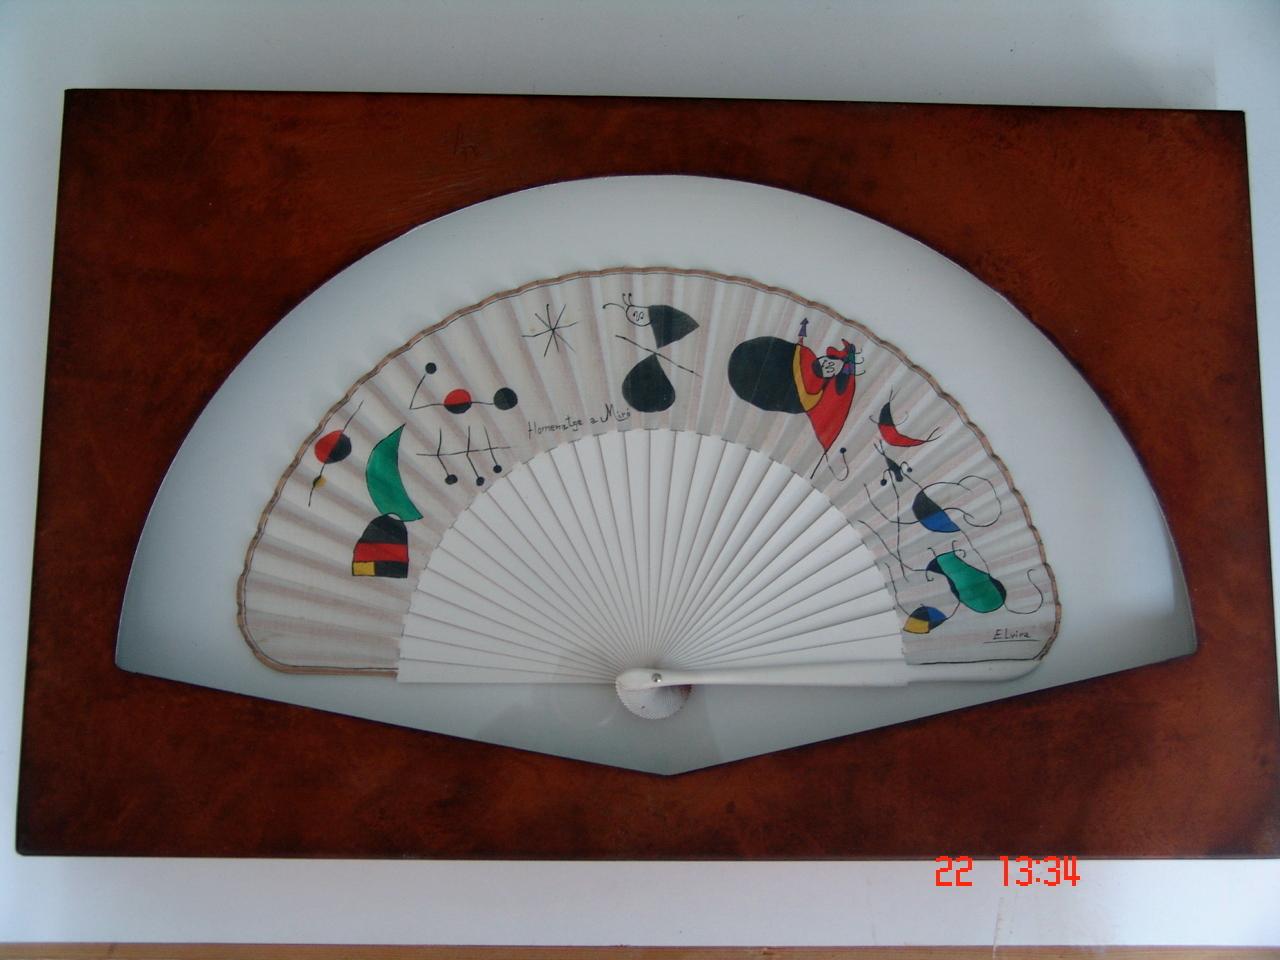 Pintores decoradores 961506300 abaniquera acero corten - Pintores y decoradores ...